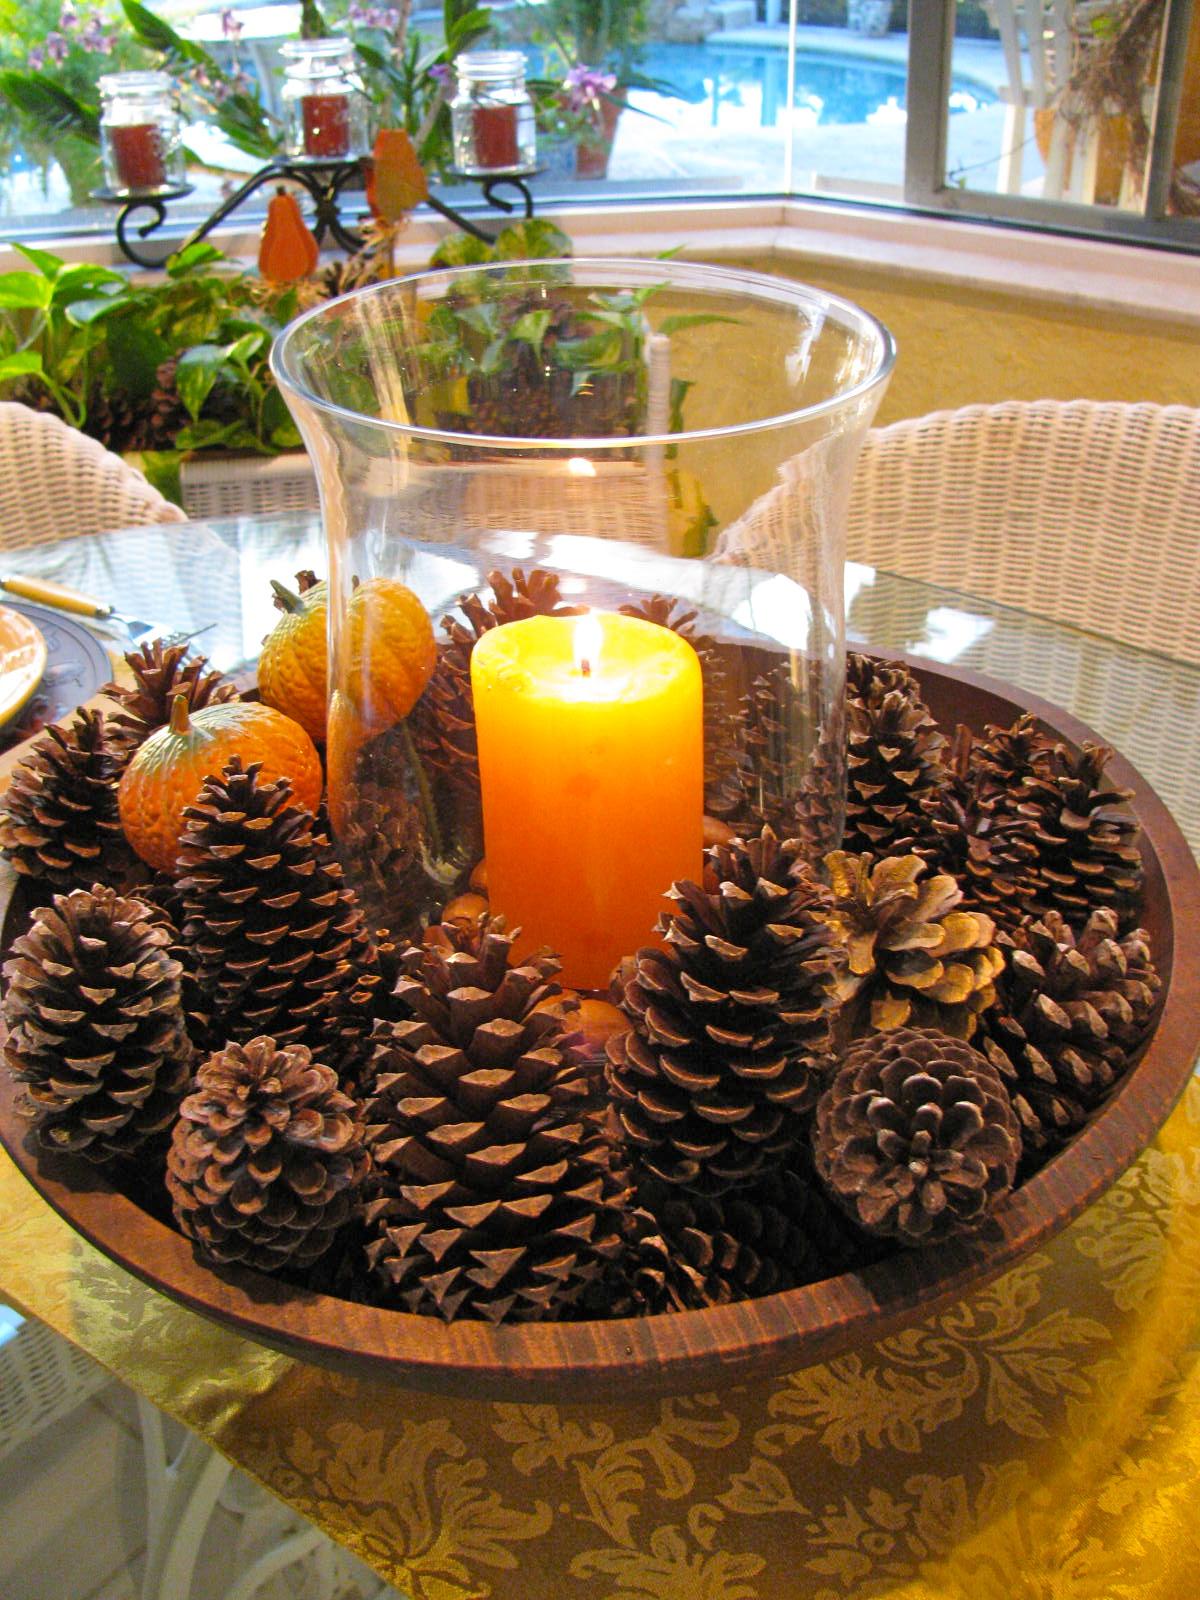 Rustic Pine Cone Fall Centerpiece DIY Idea